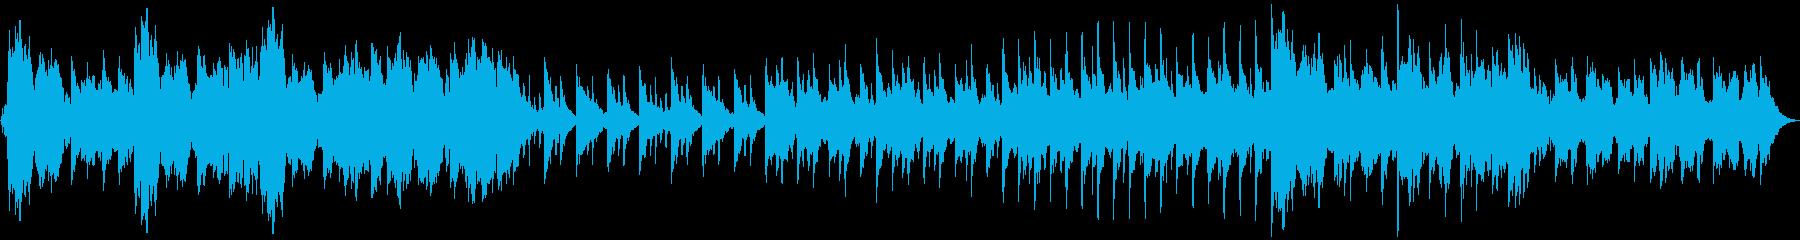 ピアノ・フルートがメインの儚いBGMの再生済みの波形